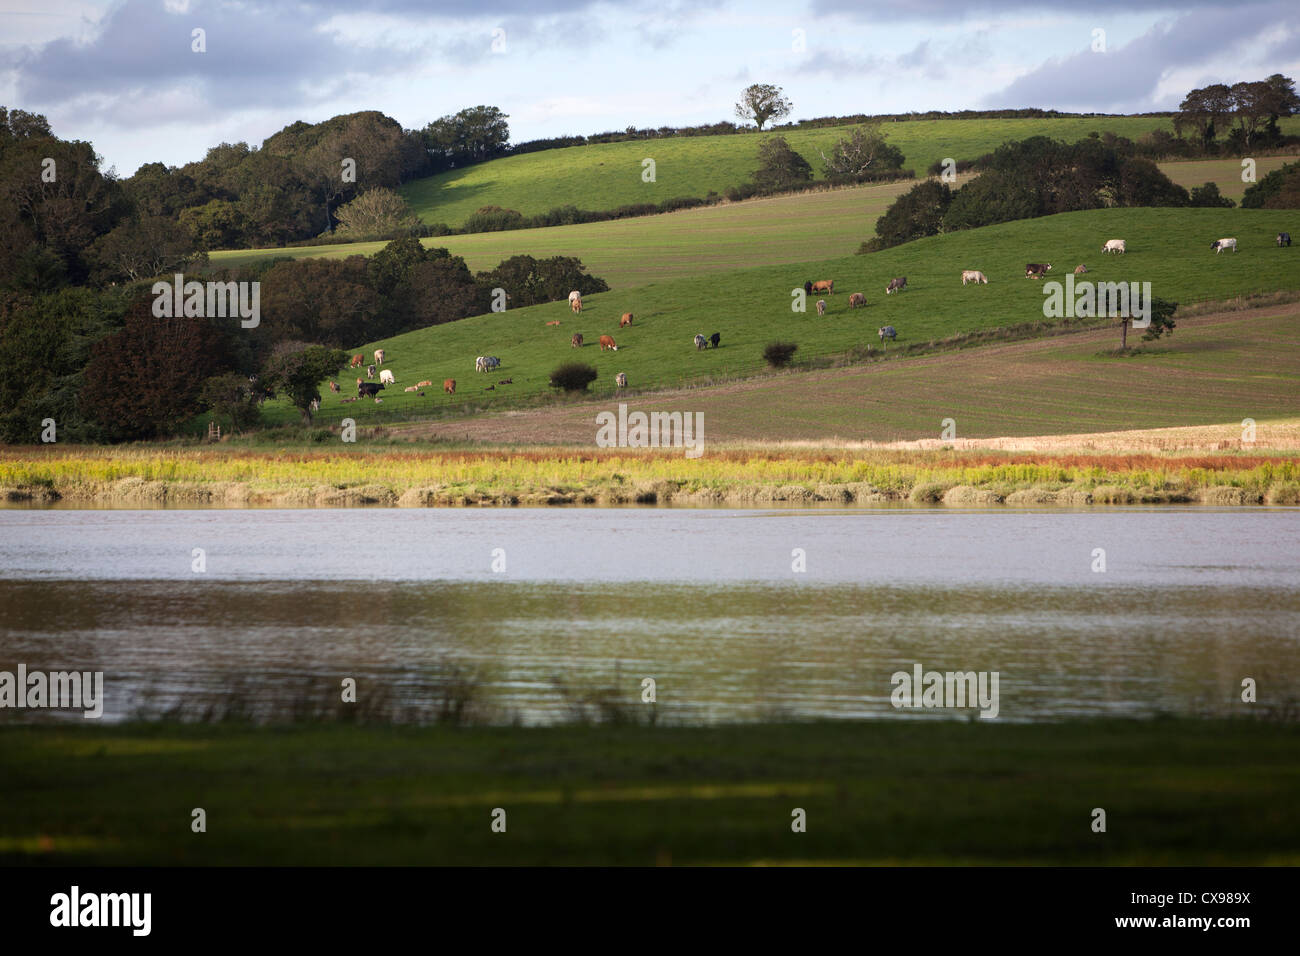 Der Fluss Tiddy fließt vorbei an einer typischen englischen Country-Szene im St Germans, Cornwall Stockbild